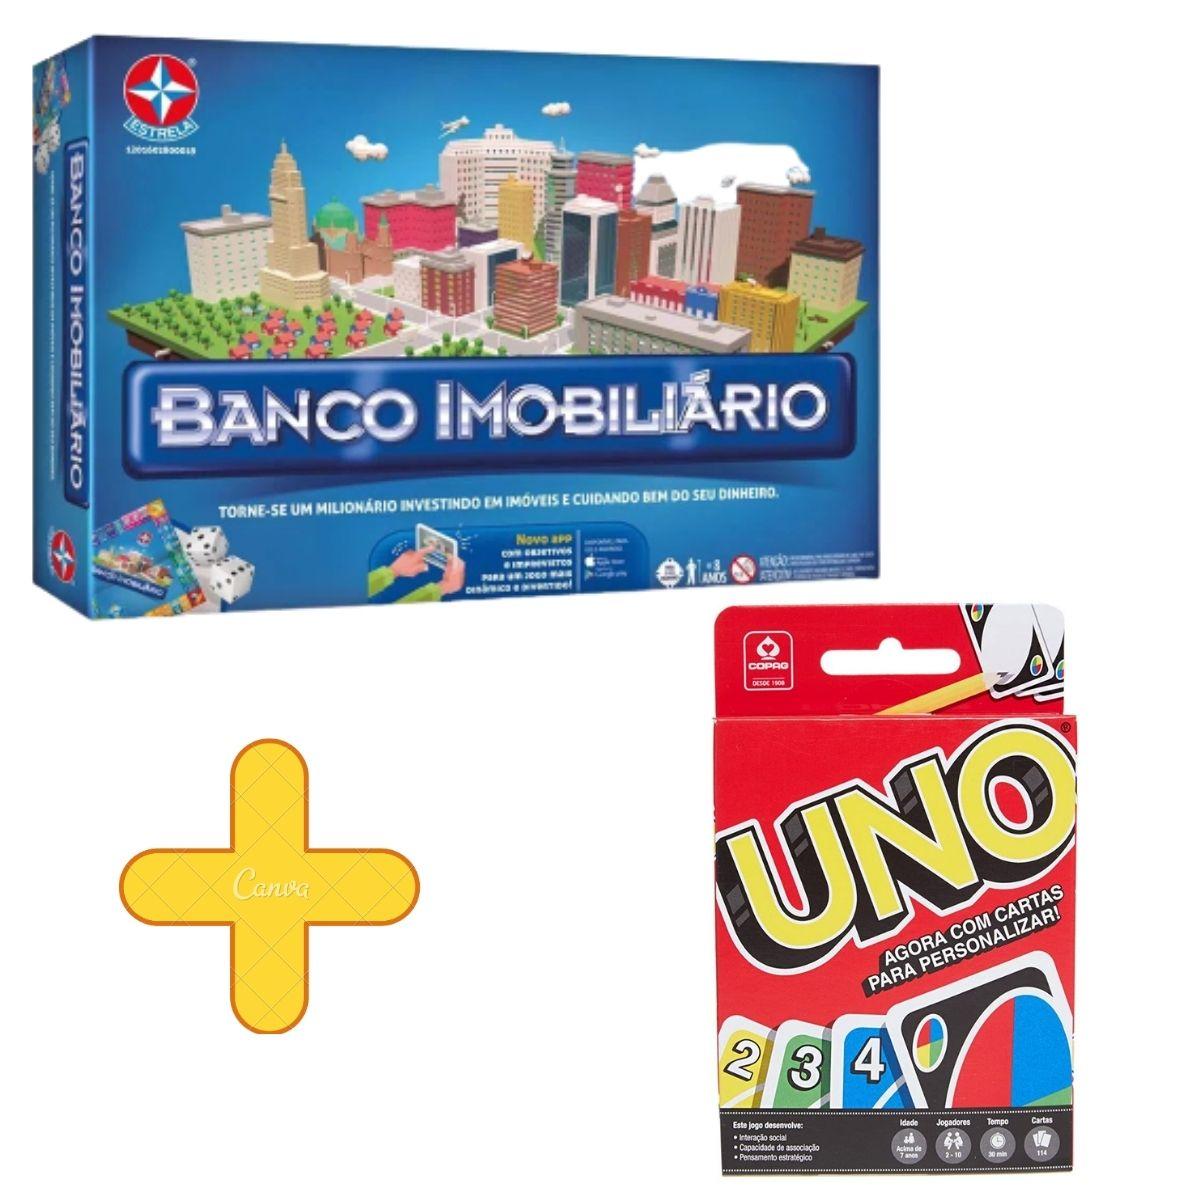 Banco Imobiliário Com Aplicativo Estrela + Jogo De Cartas Uno Copag